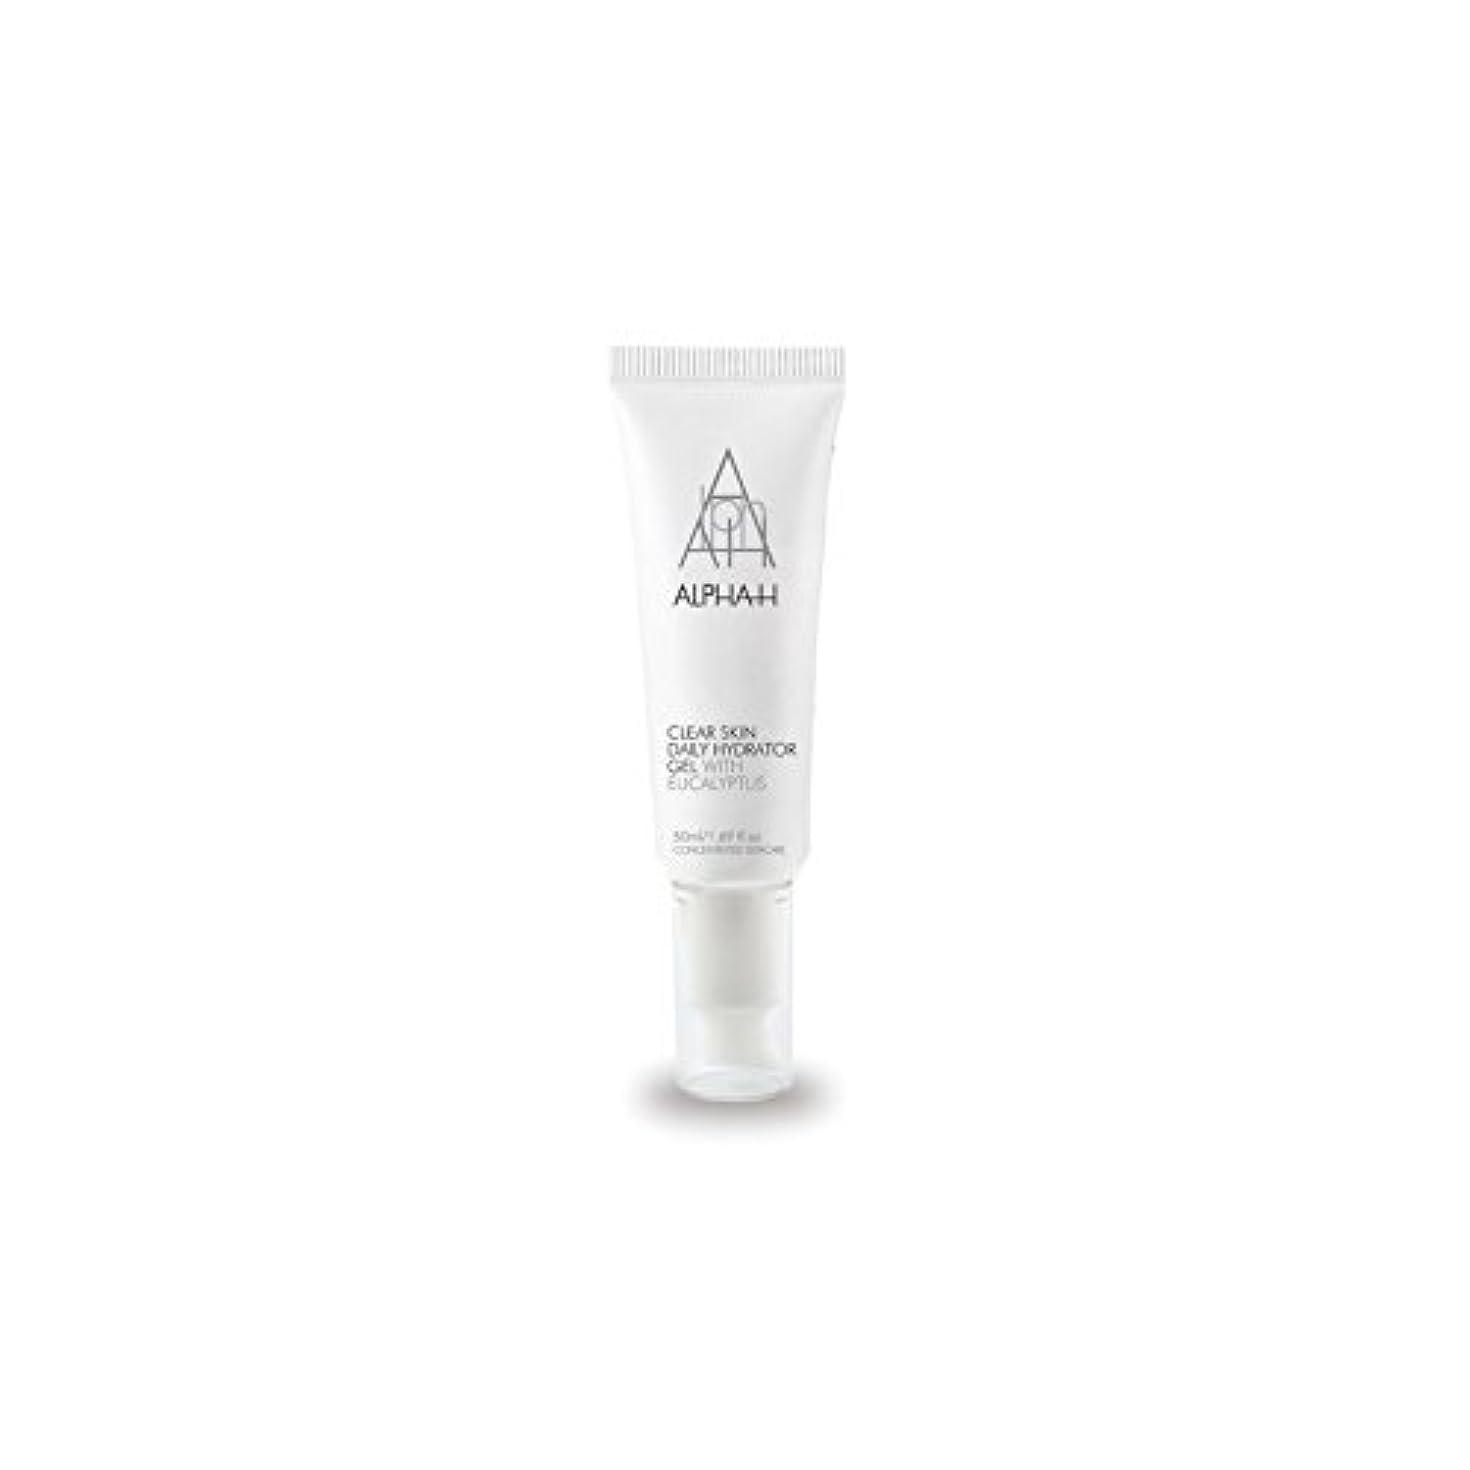 相対サイズ付き添い人限りなくアルファクリア皮膚毎日ハイドレーターゲル(50)中 x2 - Alpha-H Clear Skin Daily Hydrator Gel (50ml) (Pack of 2) [並行輸入品]